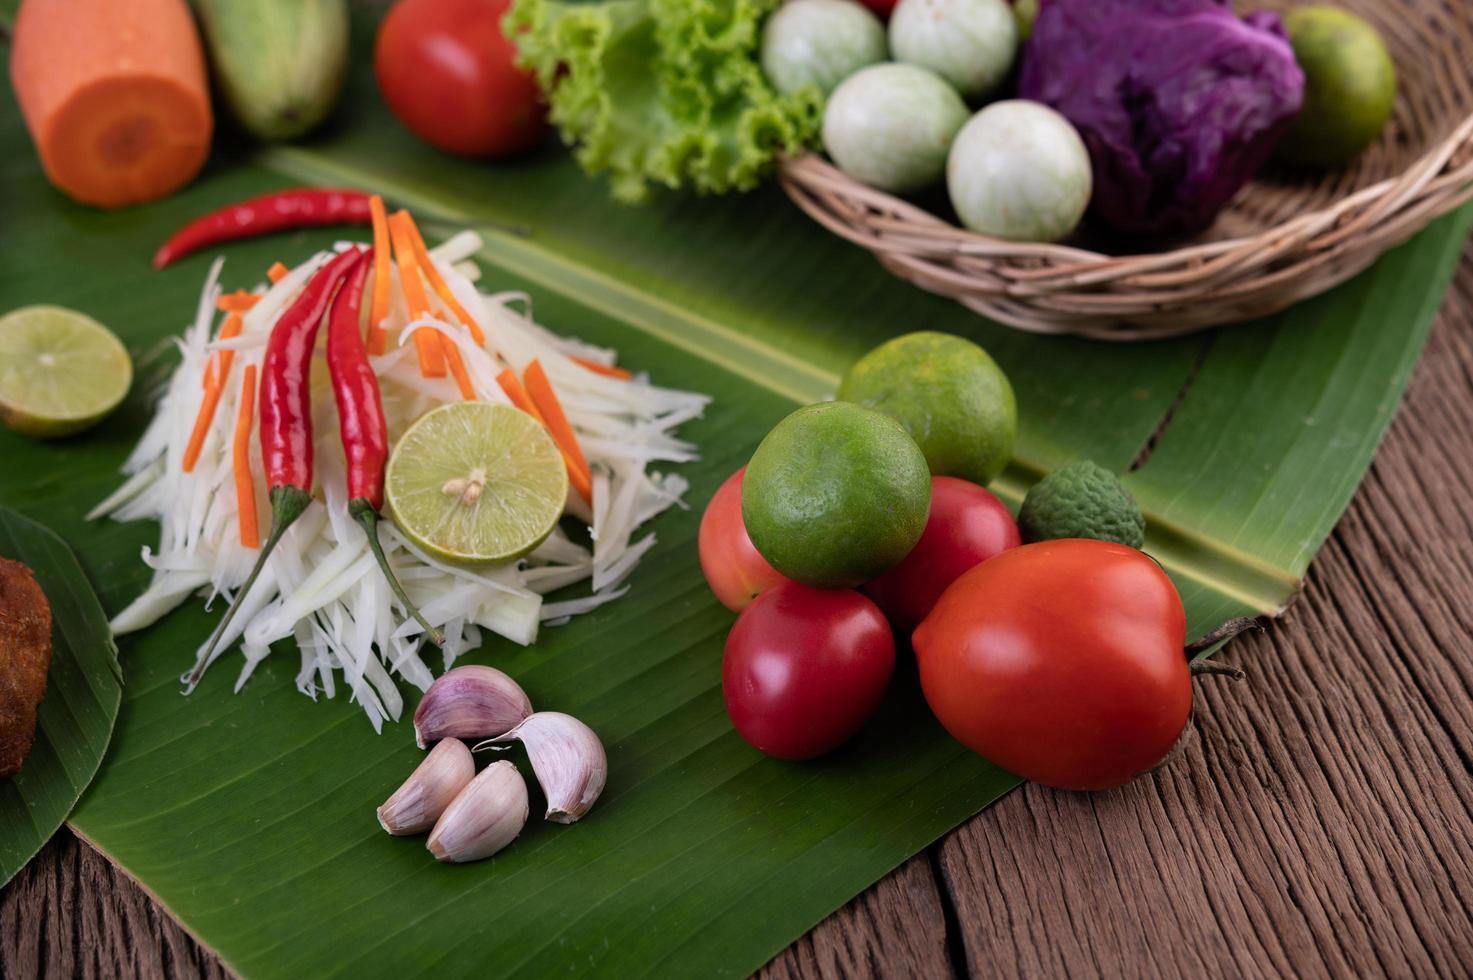 ingrédients frais pour la salade de papaye photo